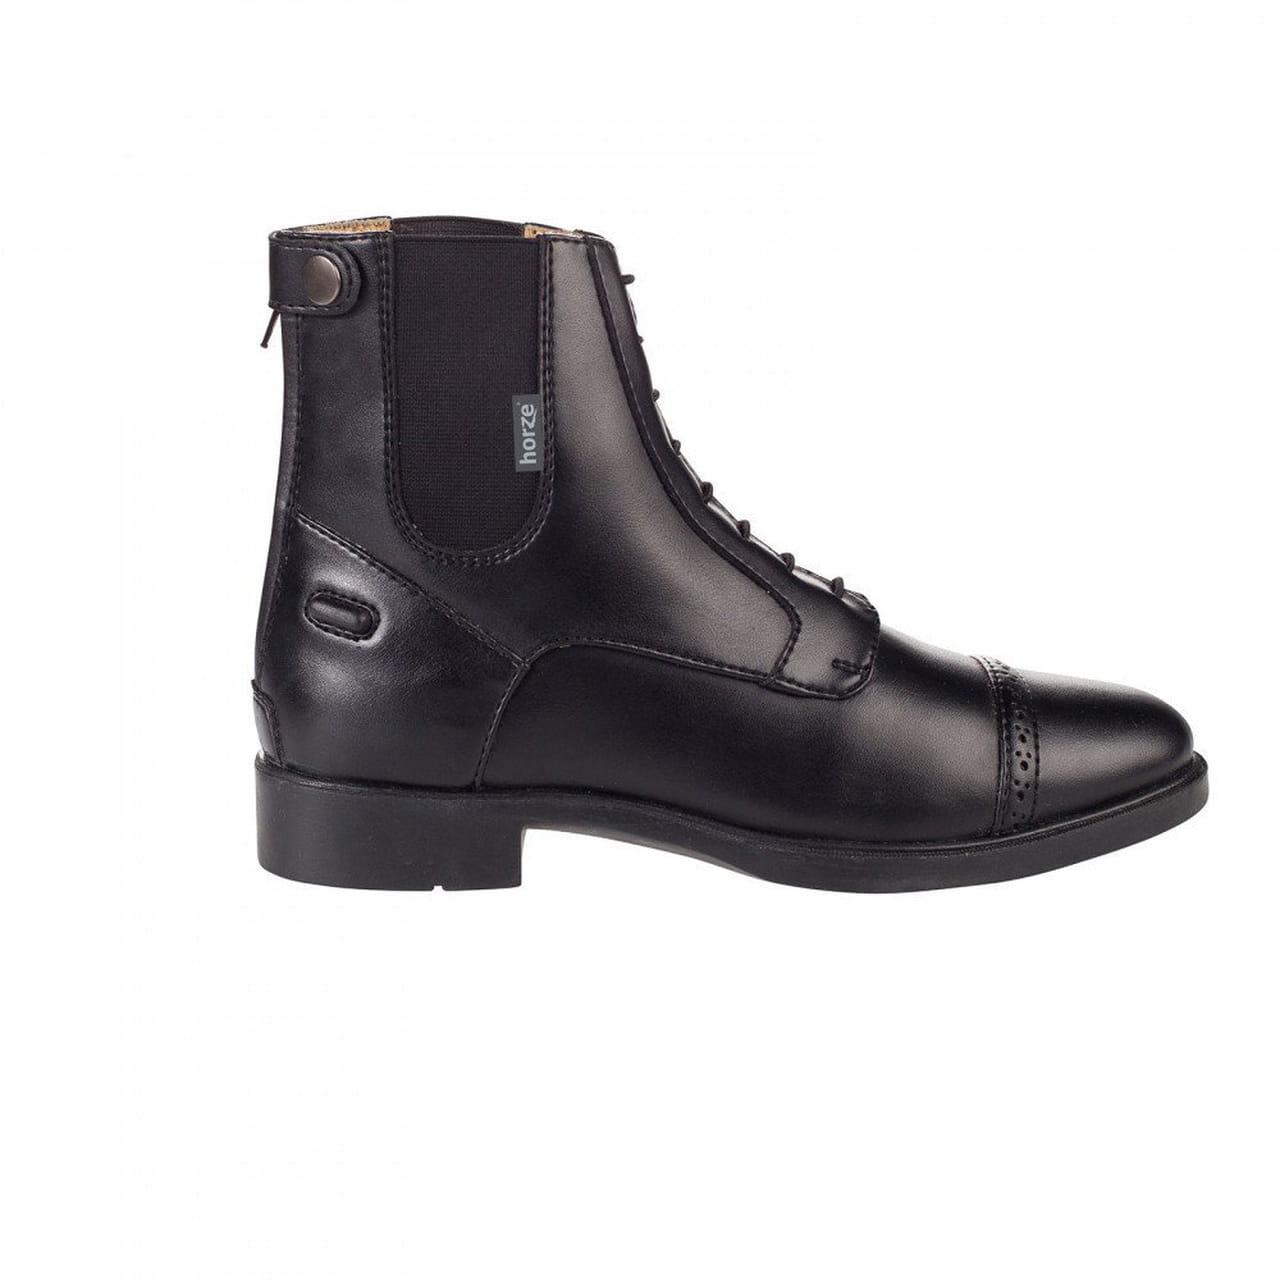 e4a9b2f88074c5 Meilleures boots femme : une sélection des tendances du moment